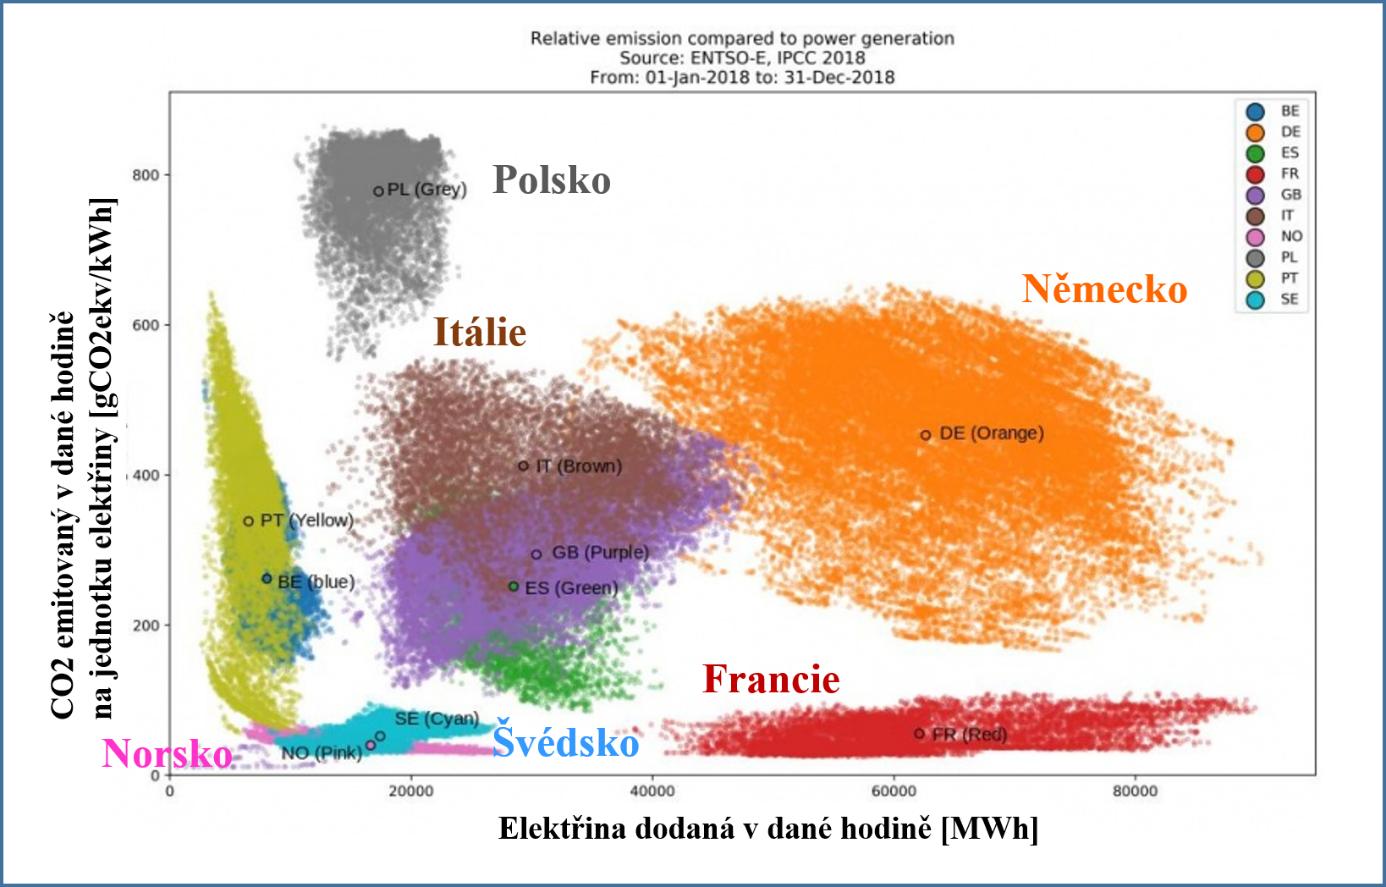 Zobrazení emisí oxidu uhličitého na jednotku vyrobené elektřiny pro dané evropské státy v roce 2018. Každý bod reprezentuje jednu hodinu v místě daném množstvím elektřiny dodaným v dané hodině (osa x) a emisí CO2 na jednotku vyrobené elektřiny (osa y